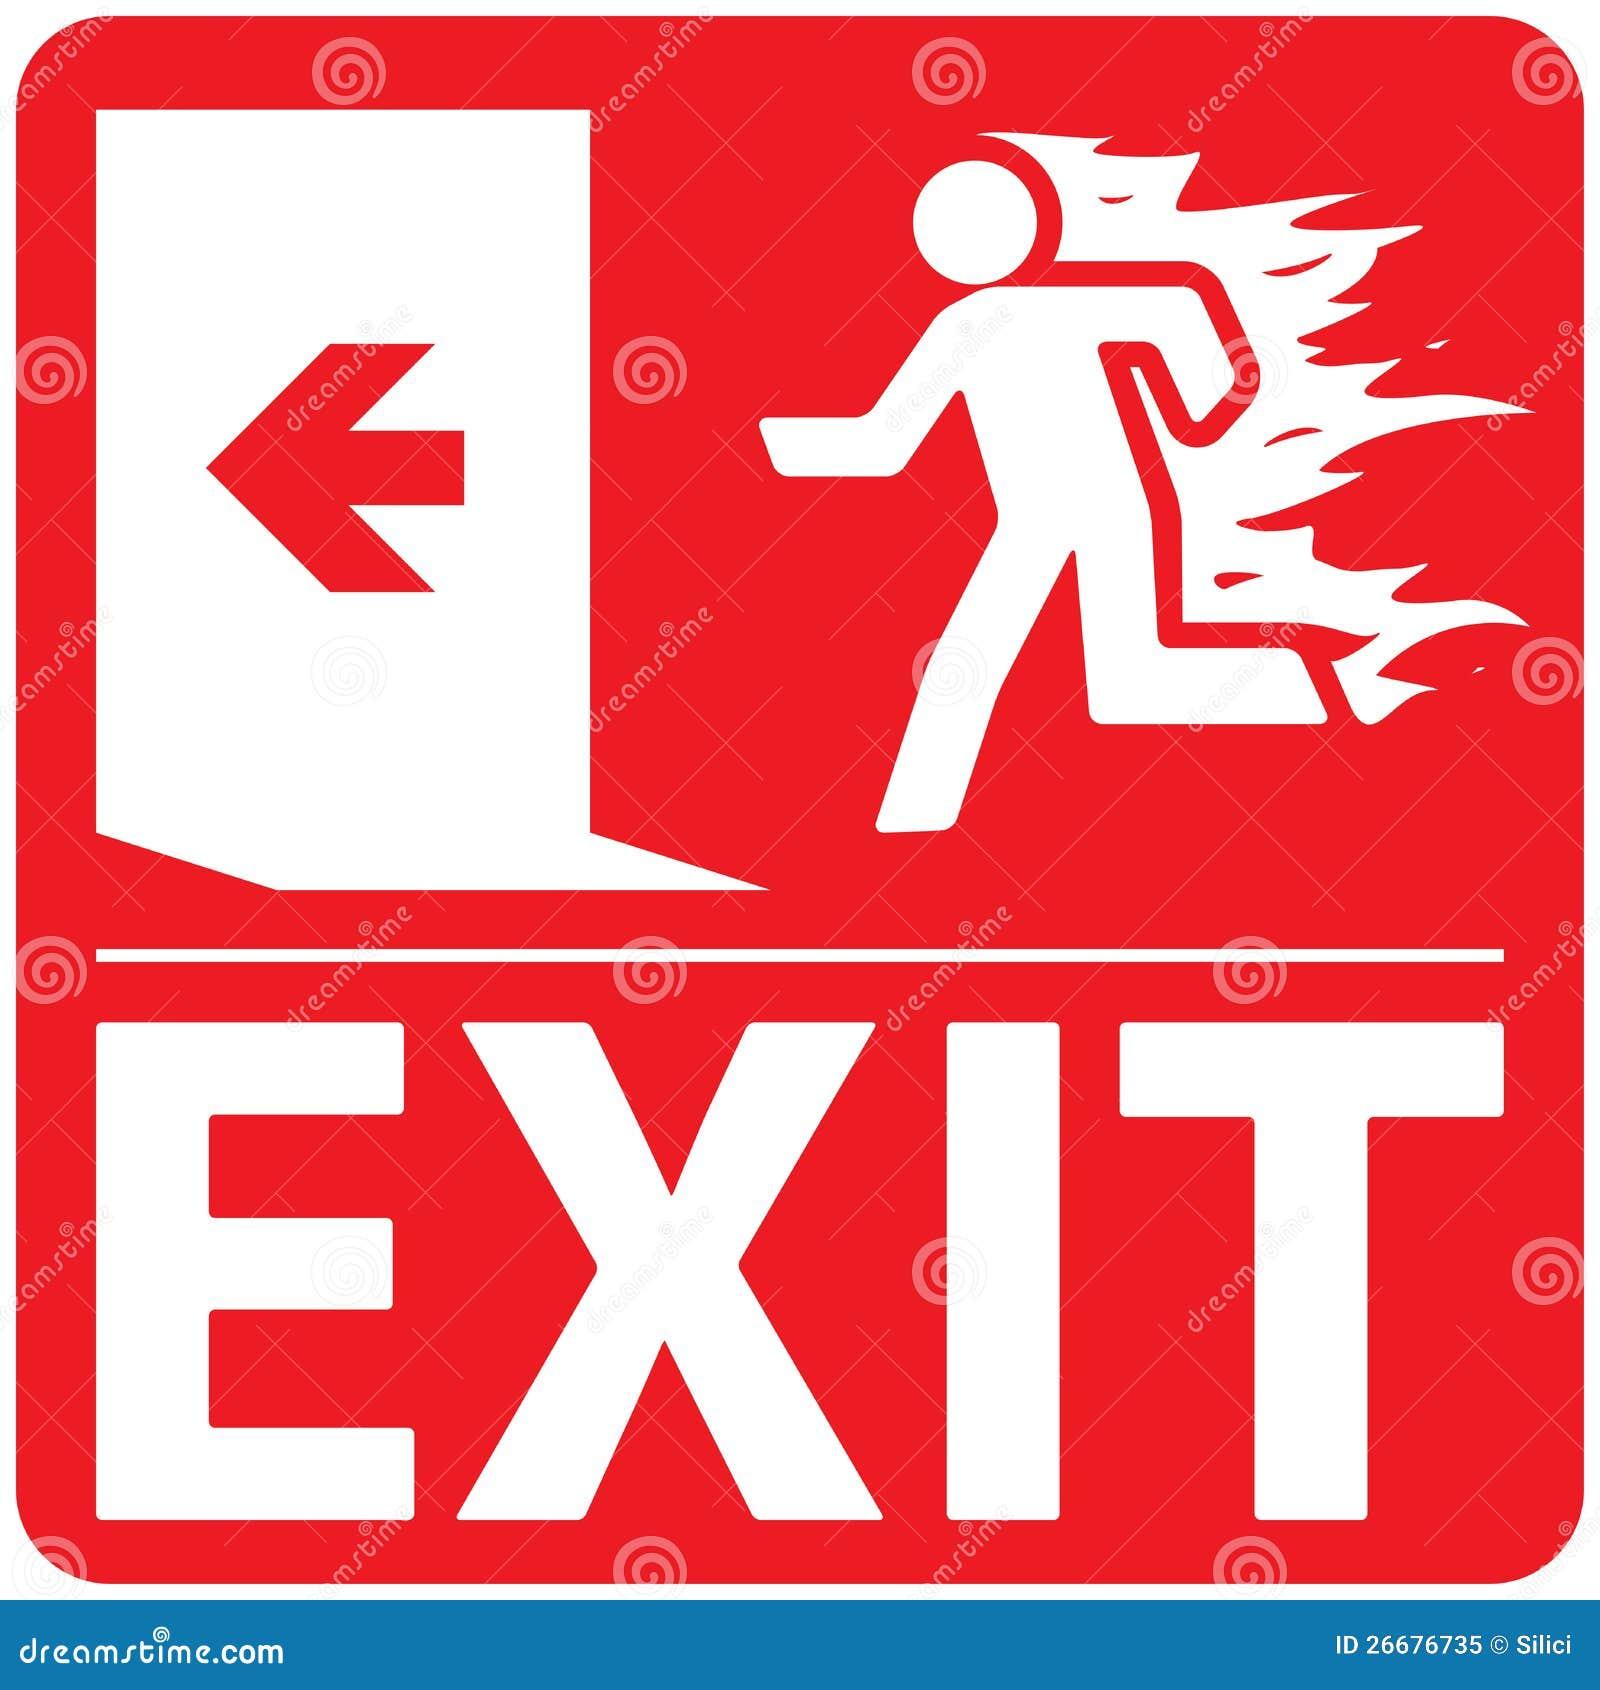 fire escape clipart - photo #16